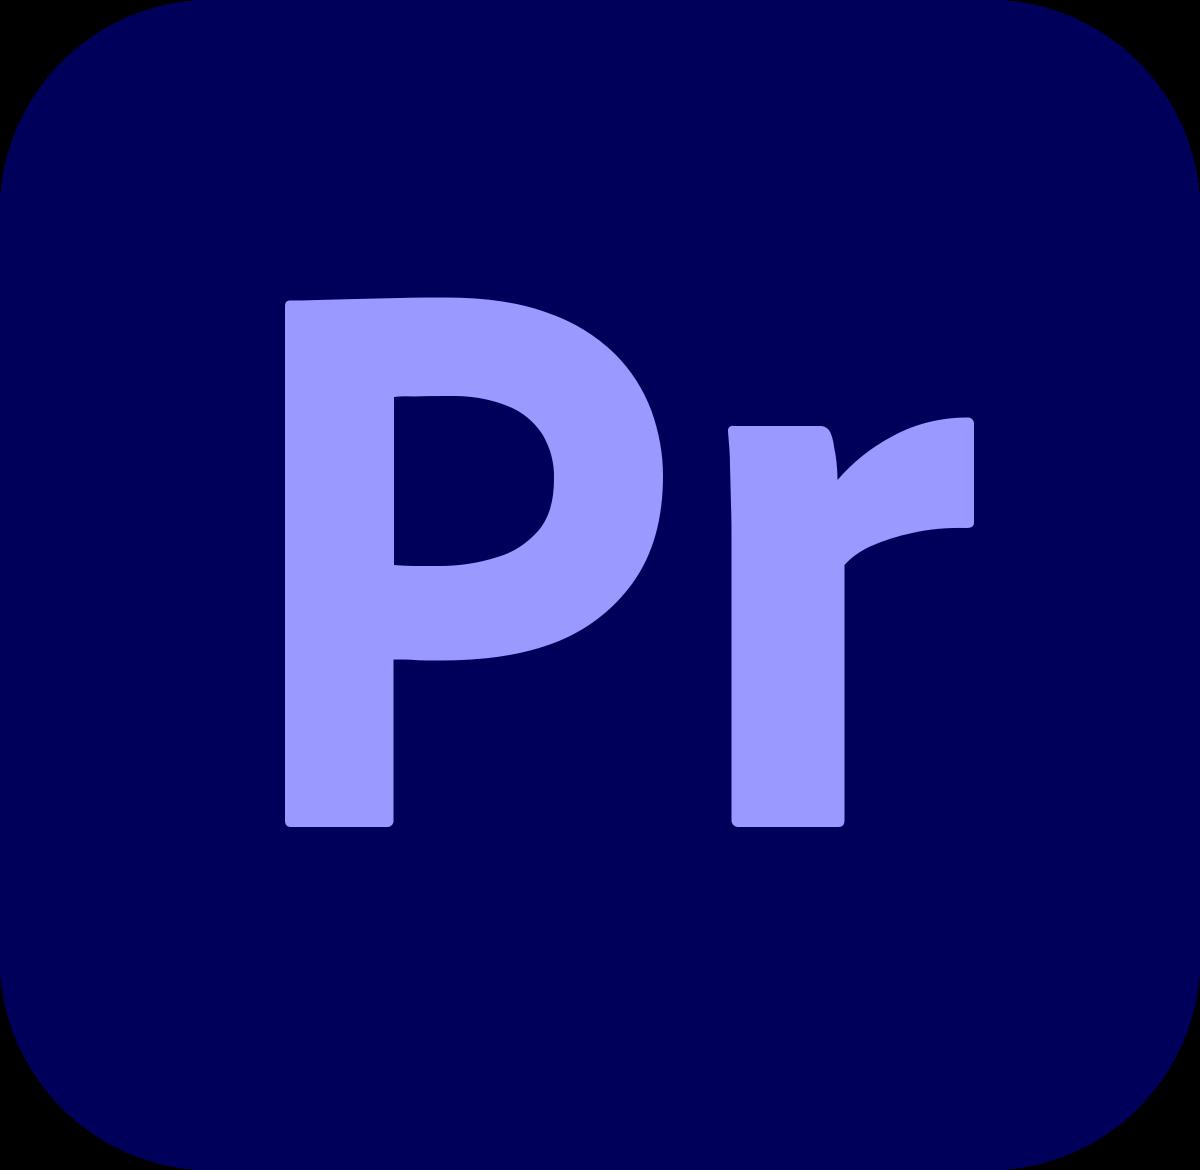 Adobe Premiere Pro Single App